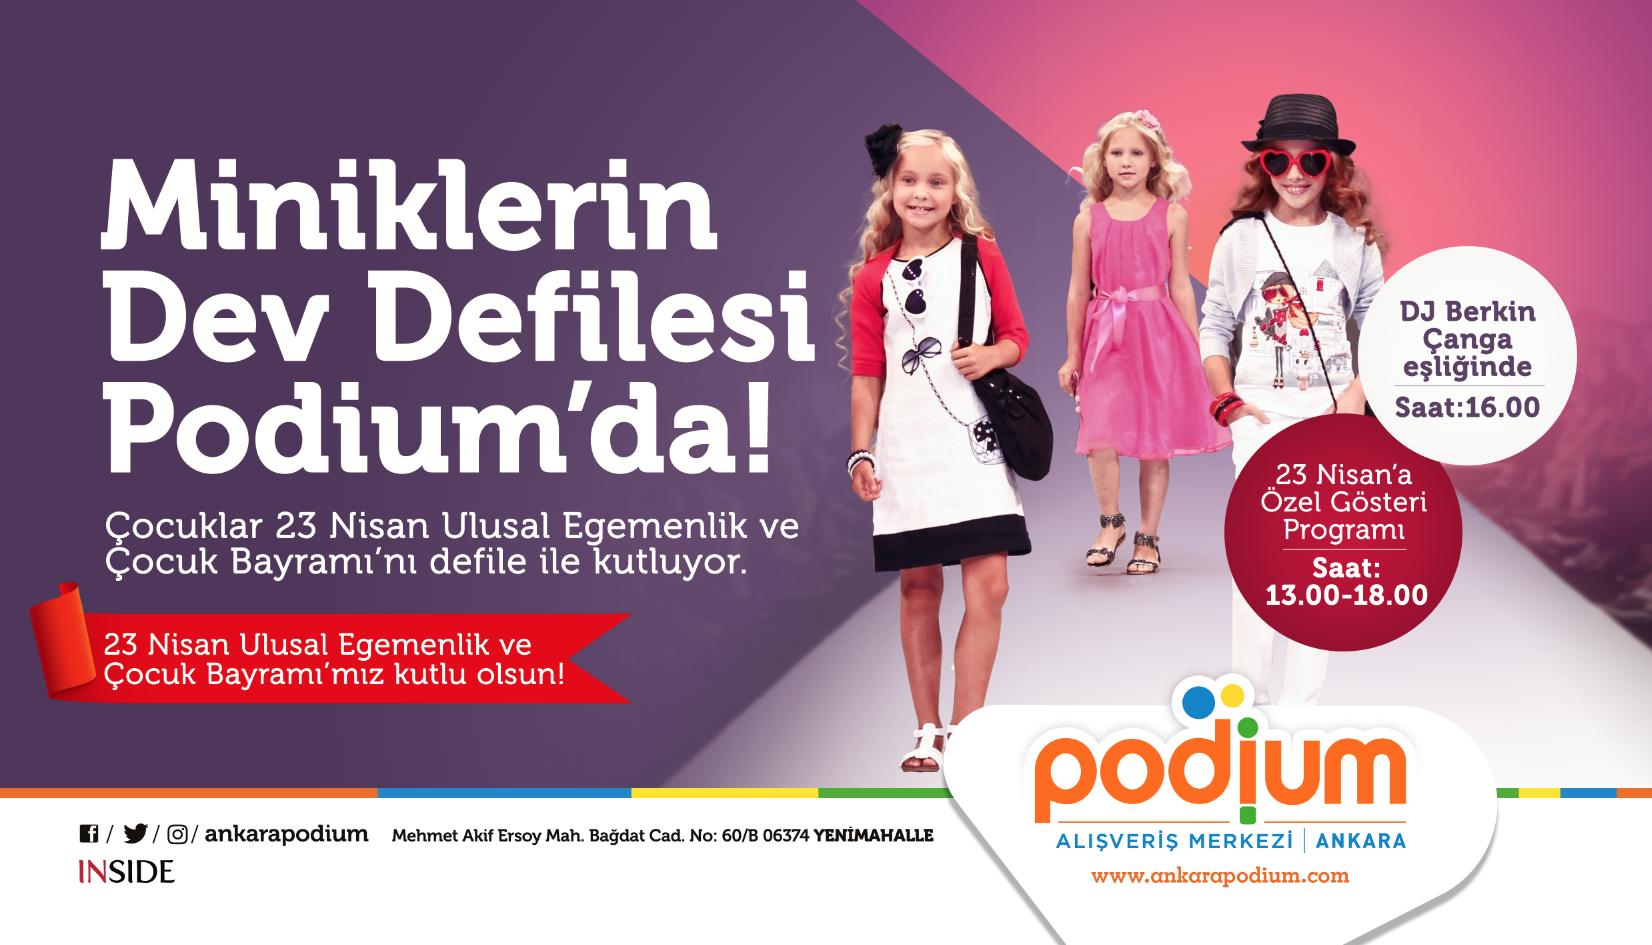 Minikler Başkent'te Podium Ankara'da eğlenecek